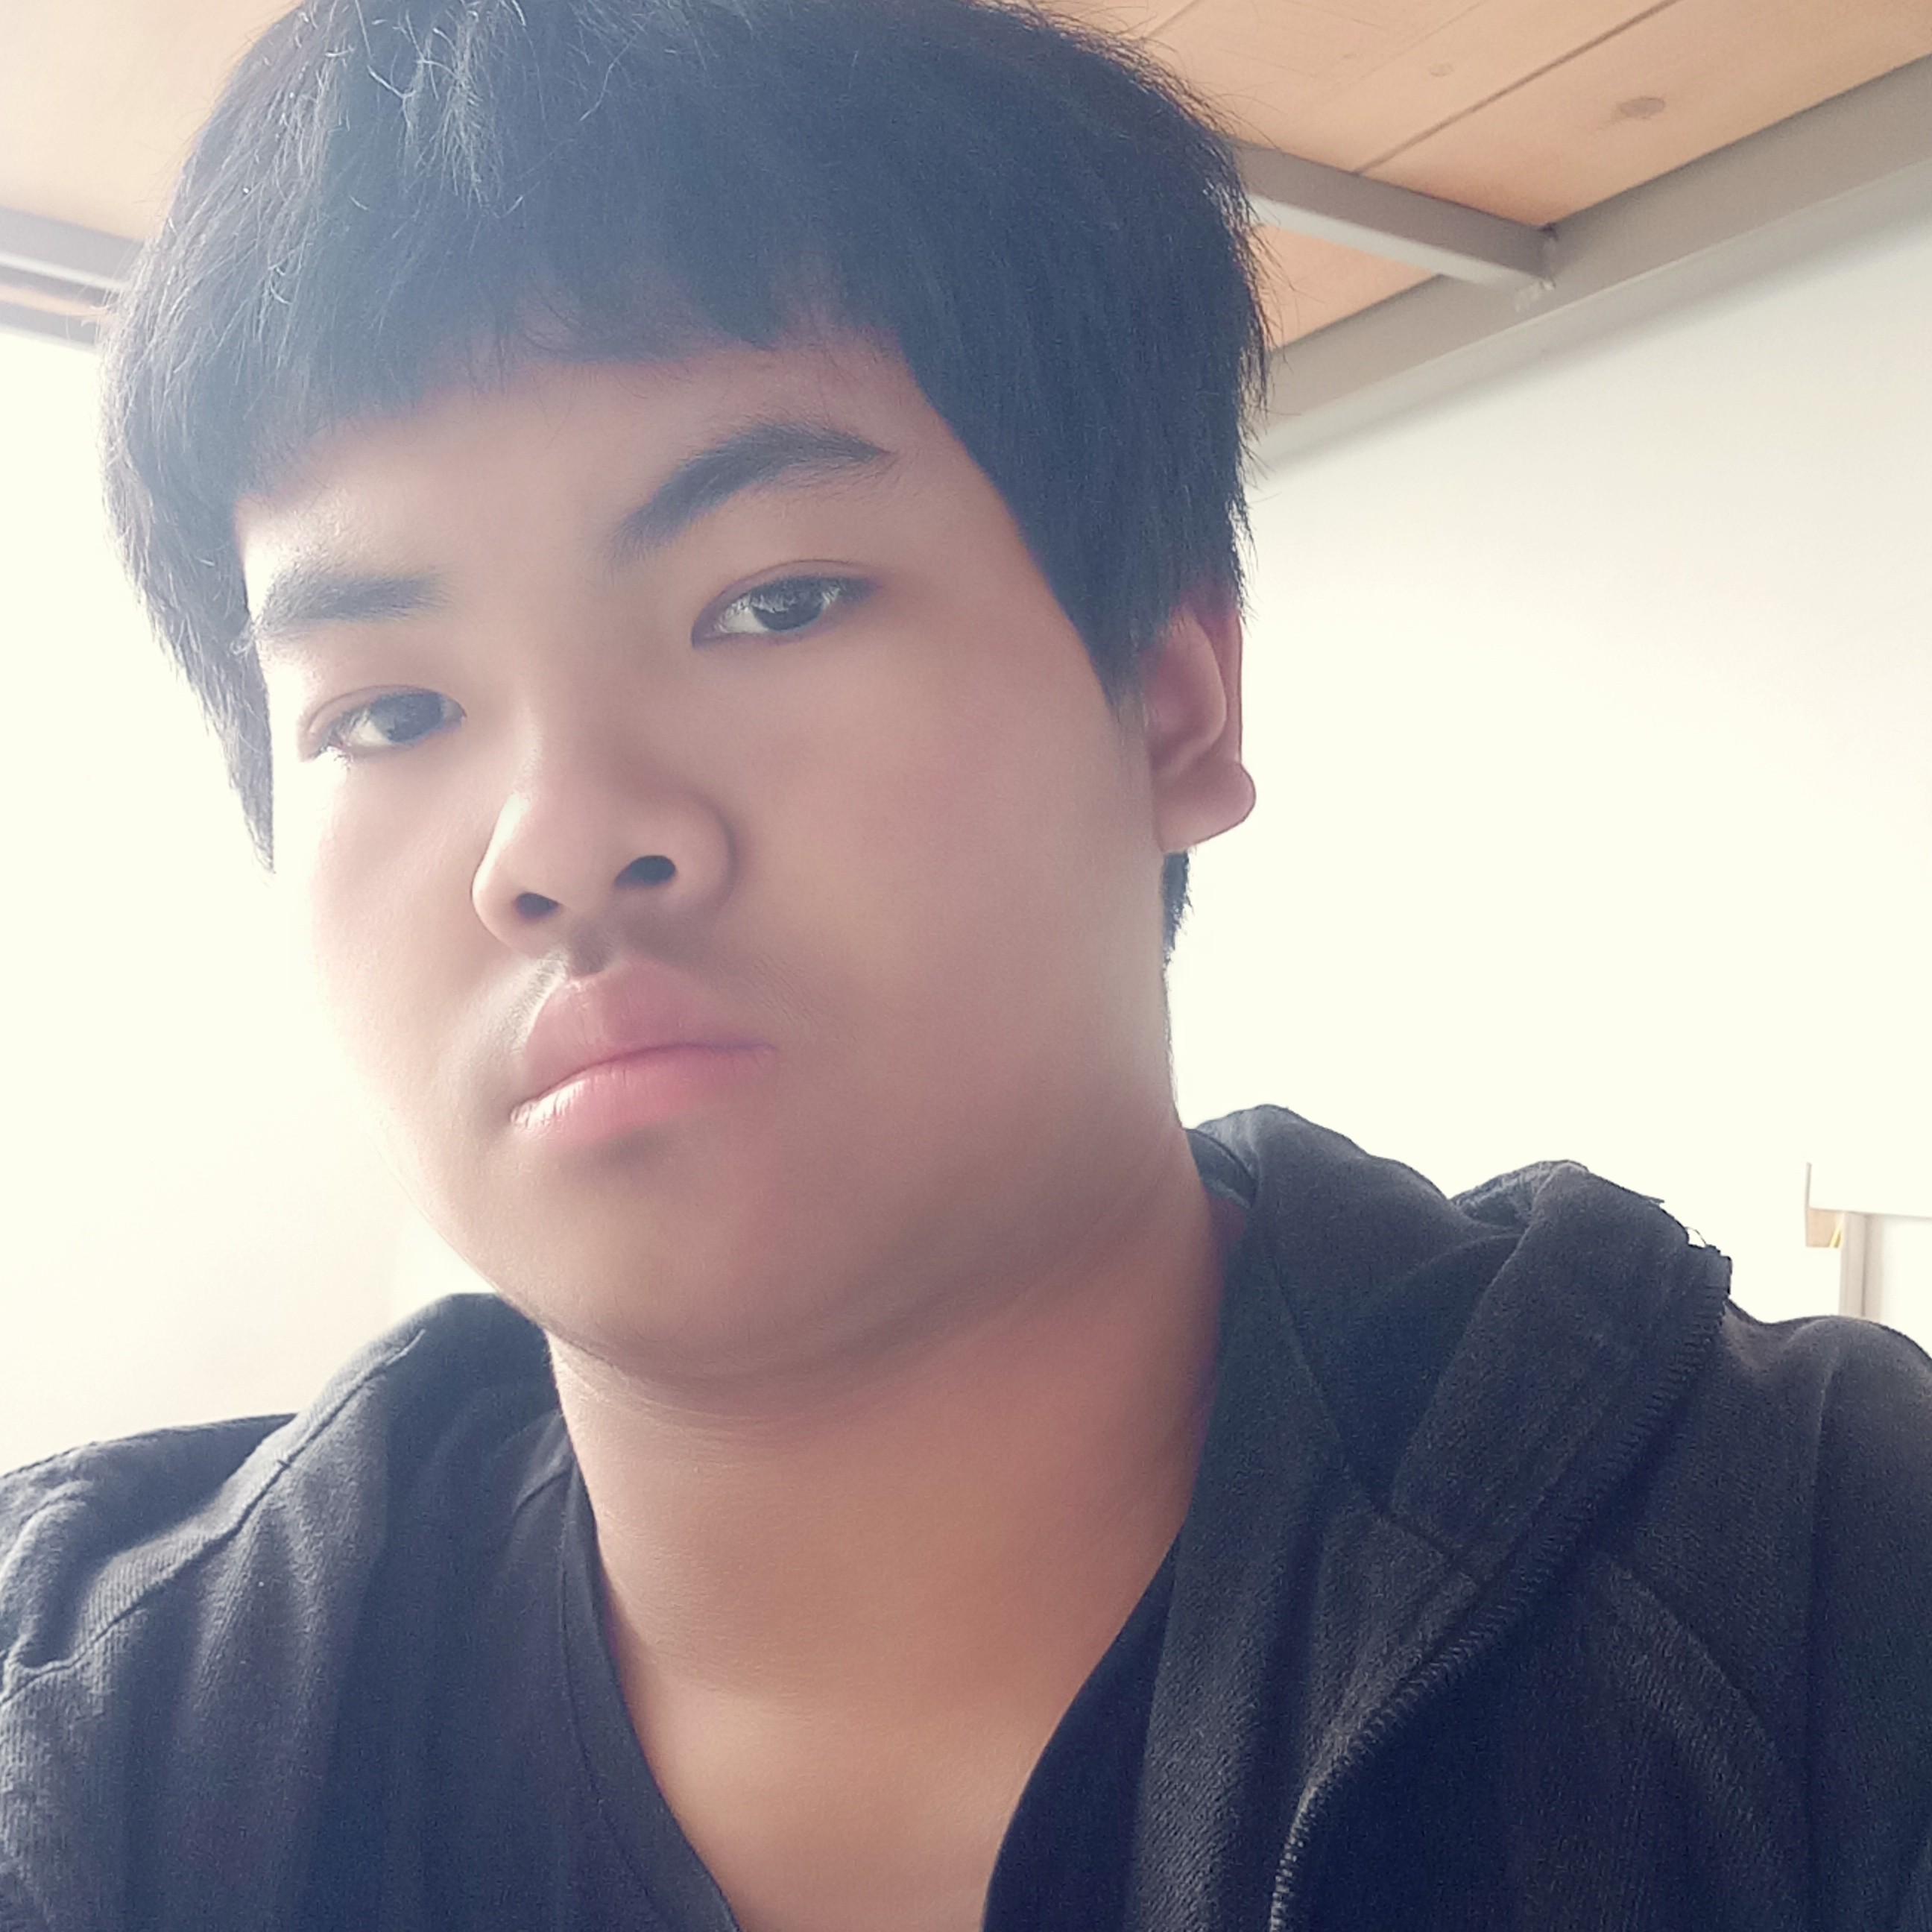 王杨宇的照片